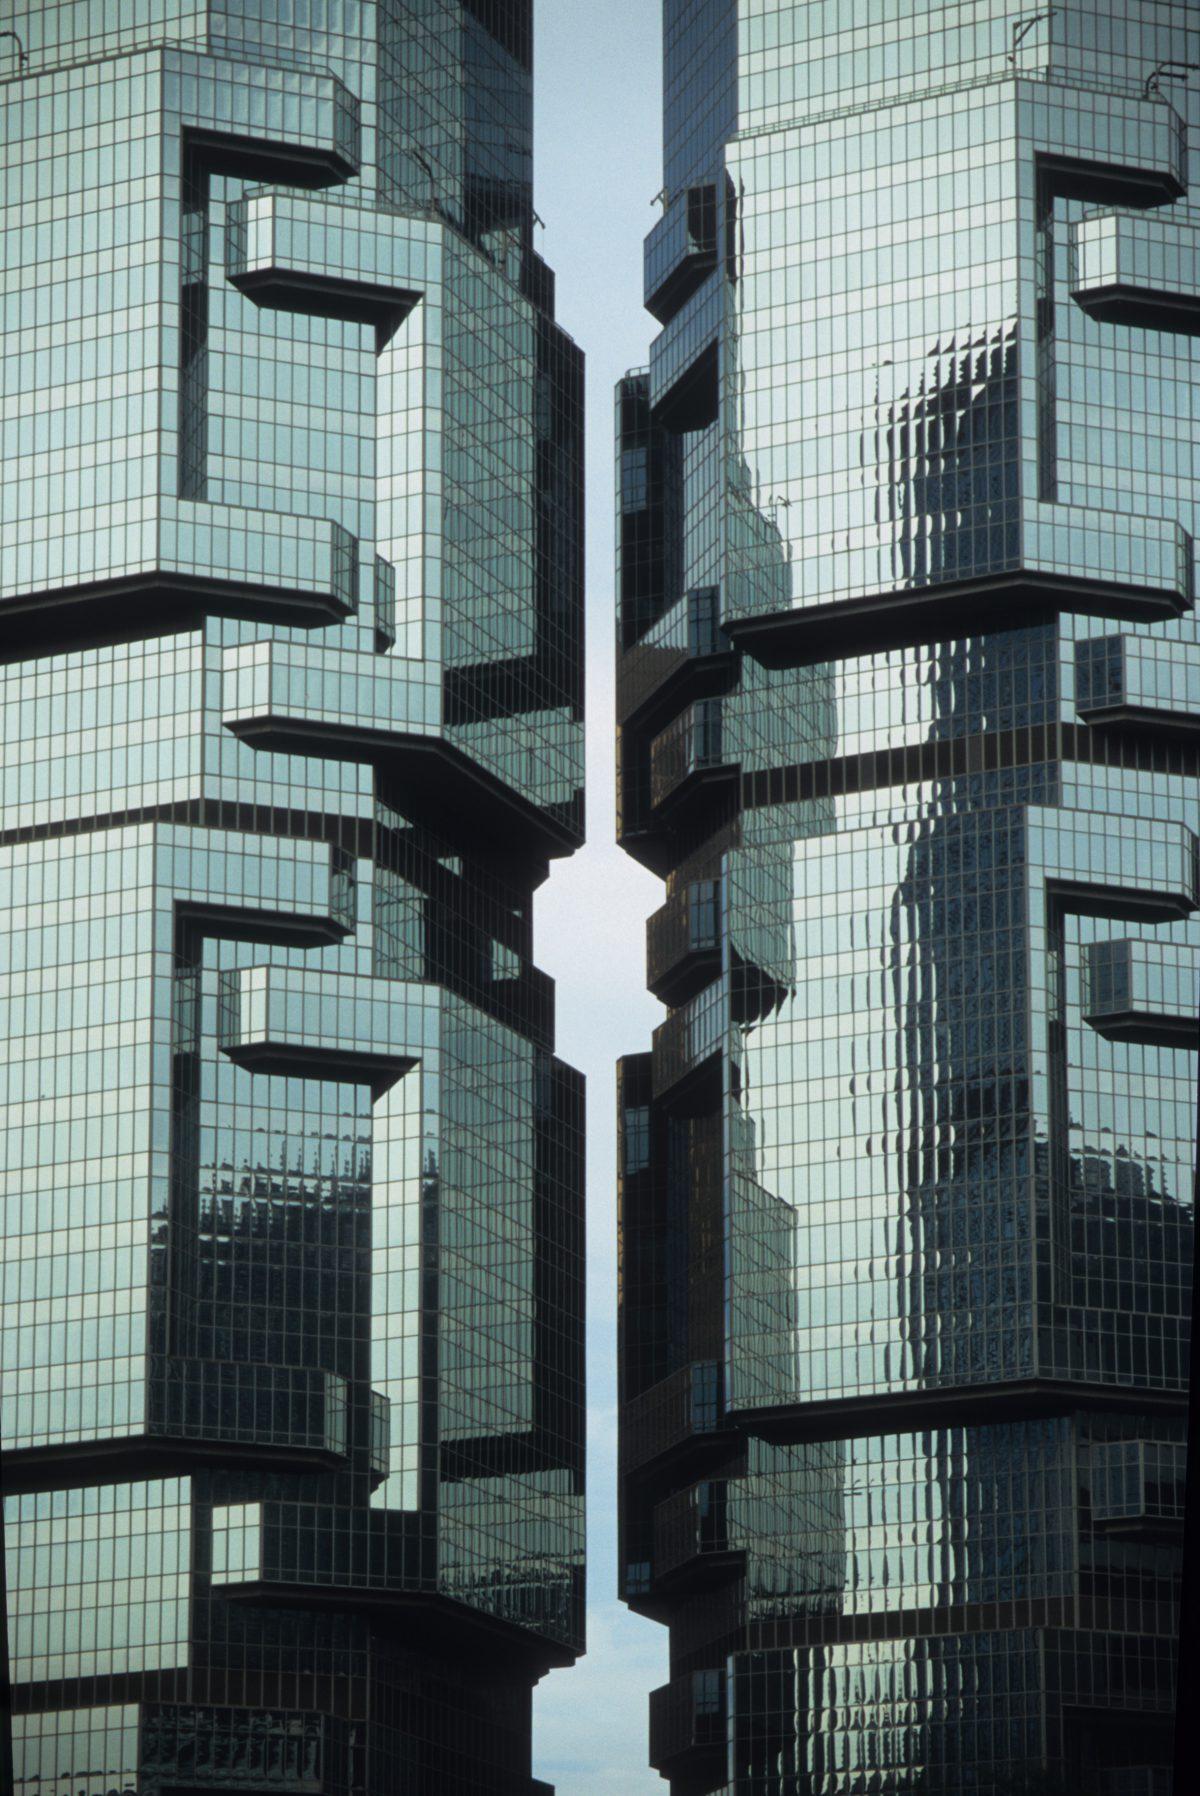 Lippo Center - The Koala Tree, reflection, building